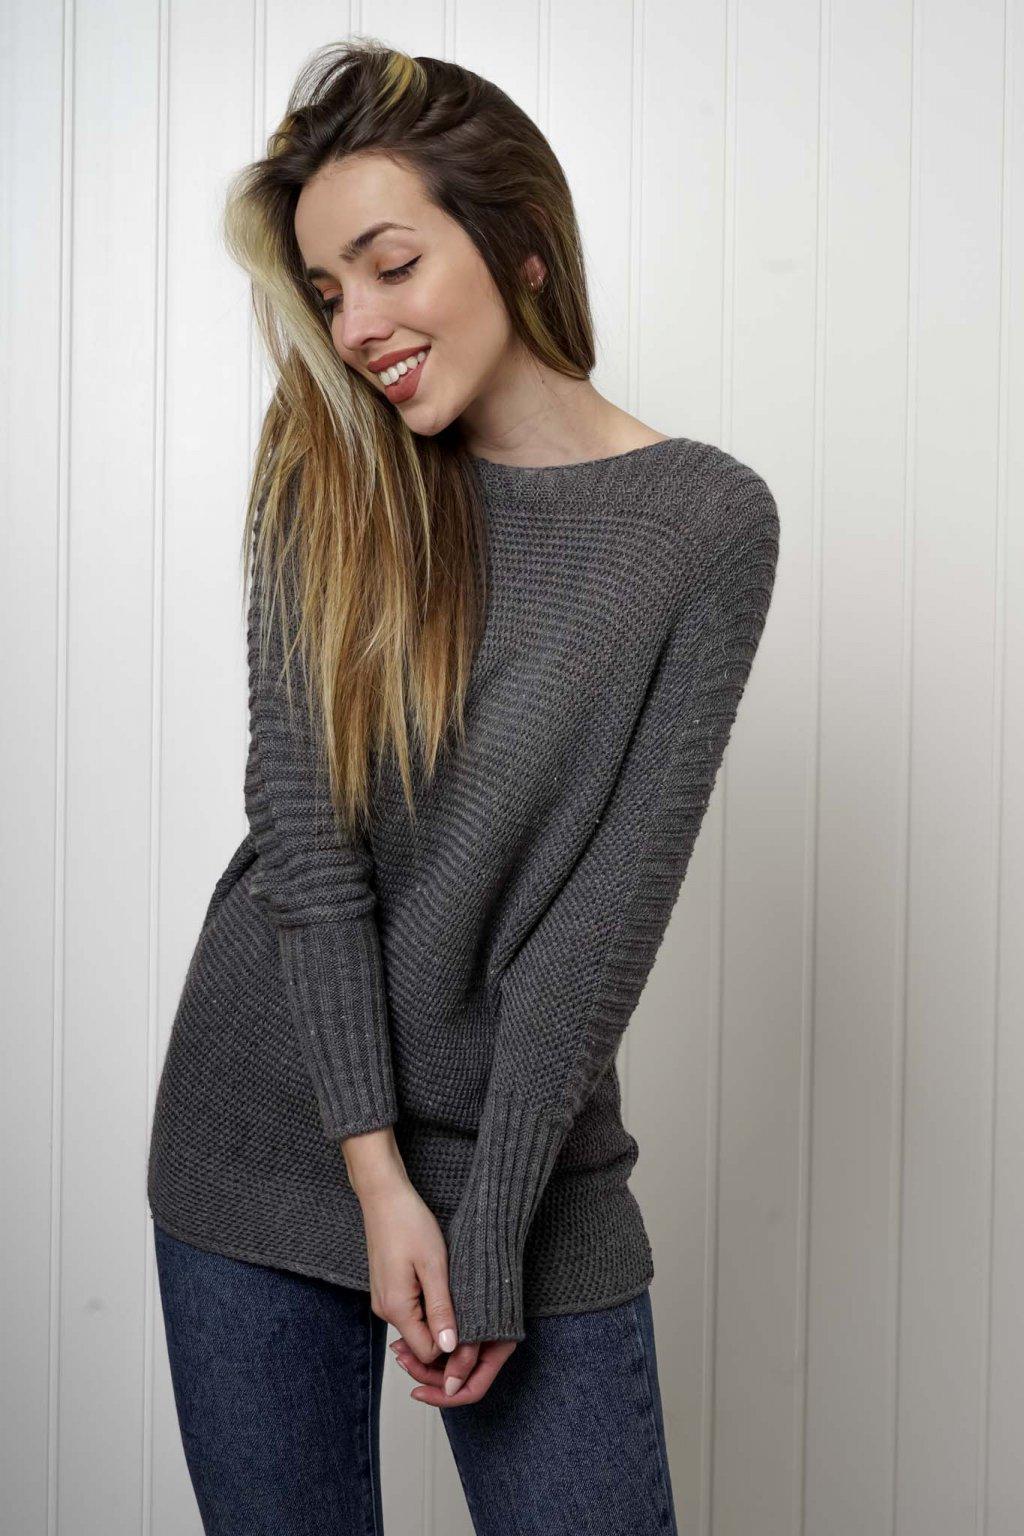 sveter, svetrík, sveter dámsky, úplet, úpletový sveter, jednoduchý sveter, v výstríh, štýlový, chlpatý,vzorovaný, srdiečkový, čierny, biely, farebný, 063